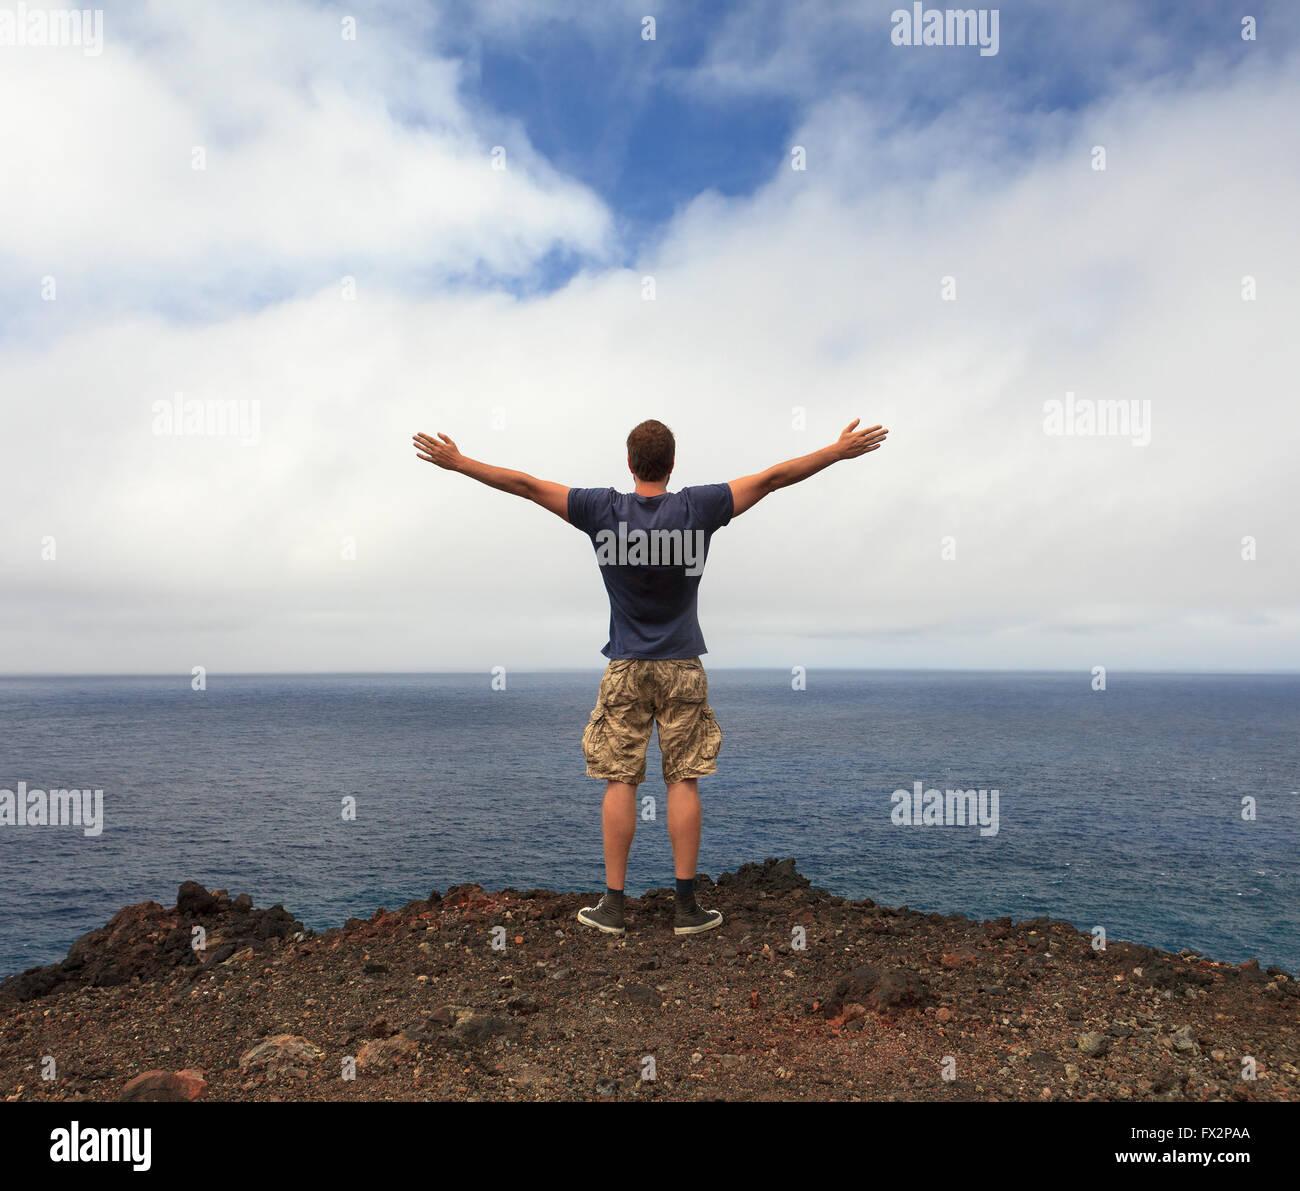 Libertad o amante de la naturaleza concepto - el hombre con los brazos levantados a orillas del mar Foto de stock